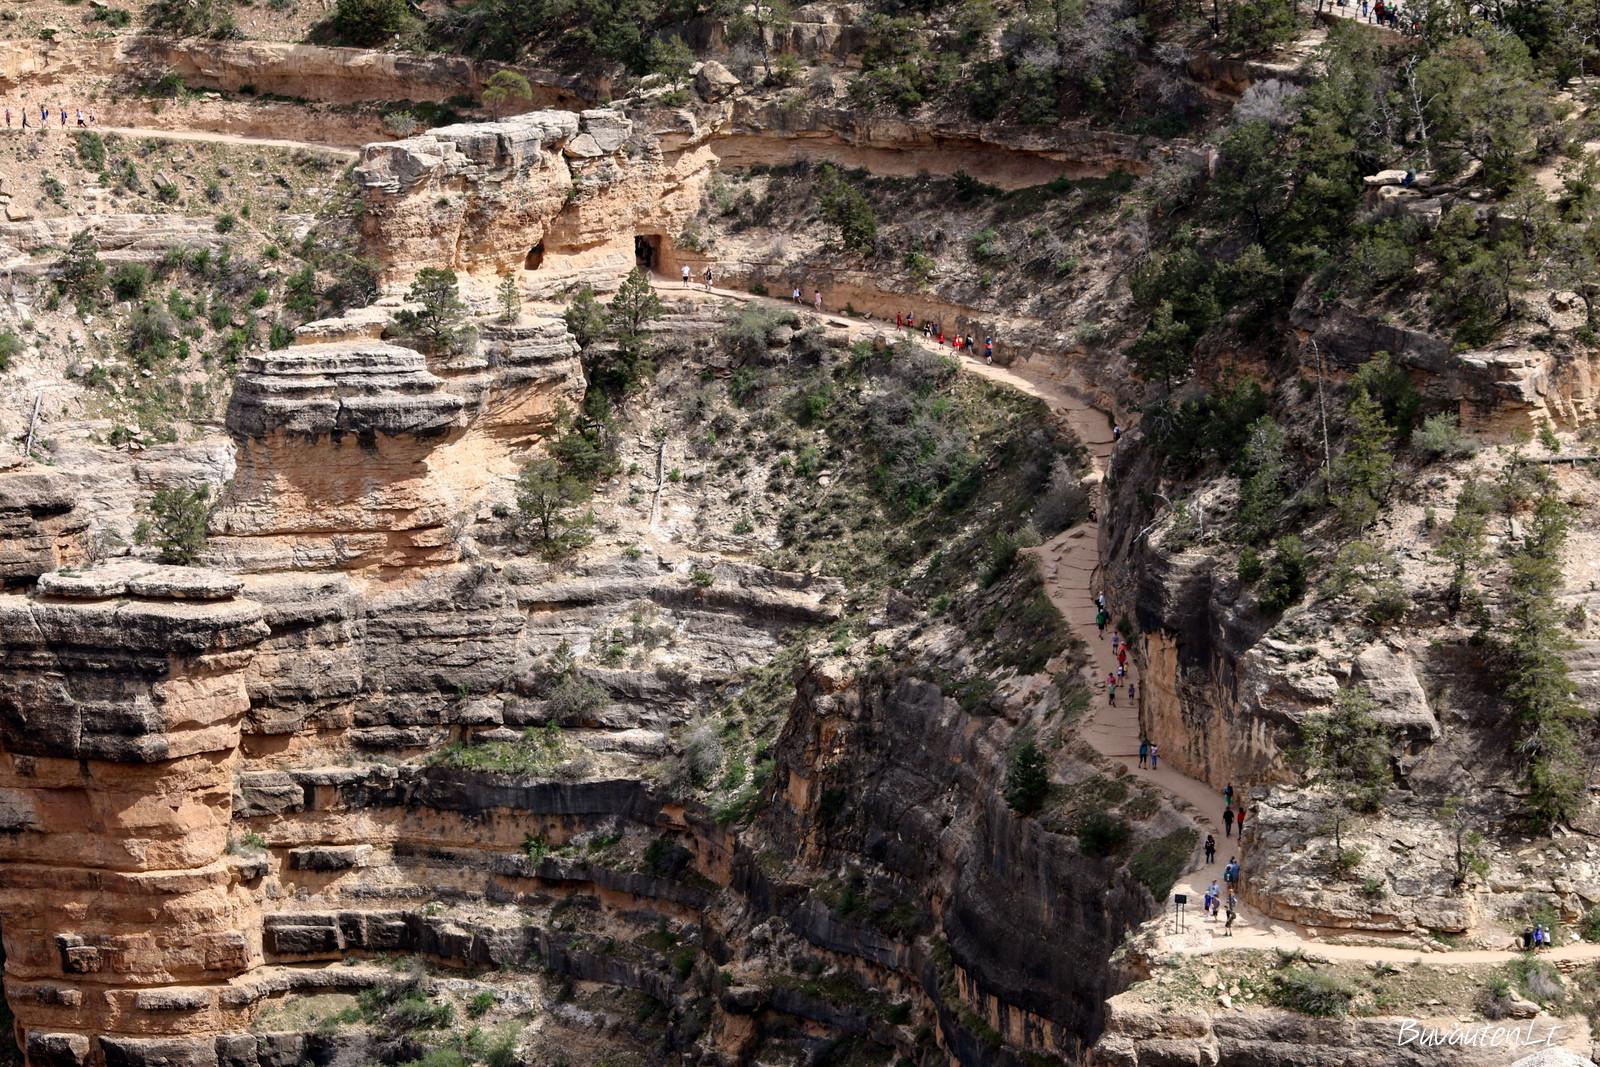 Šie žmonės leidžiasi į kanjono apačią, tokiai nuotykiui vienos dienos neužtektų